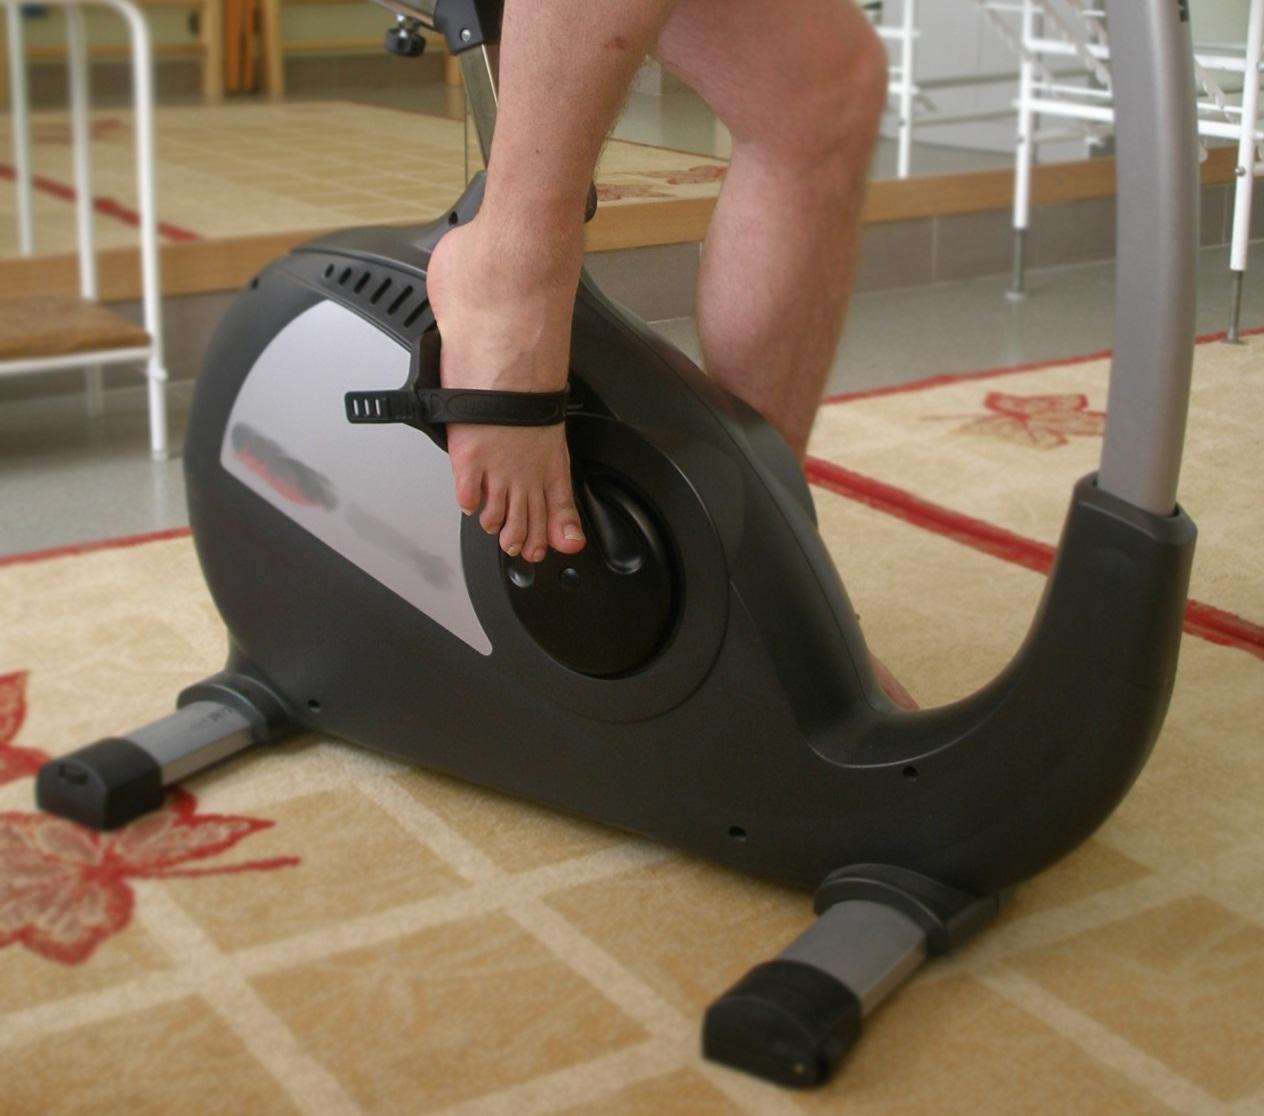 Велотренажер: какой лучше выбрать для дома, как правильно заниматься и какие мышцы работают